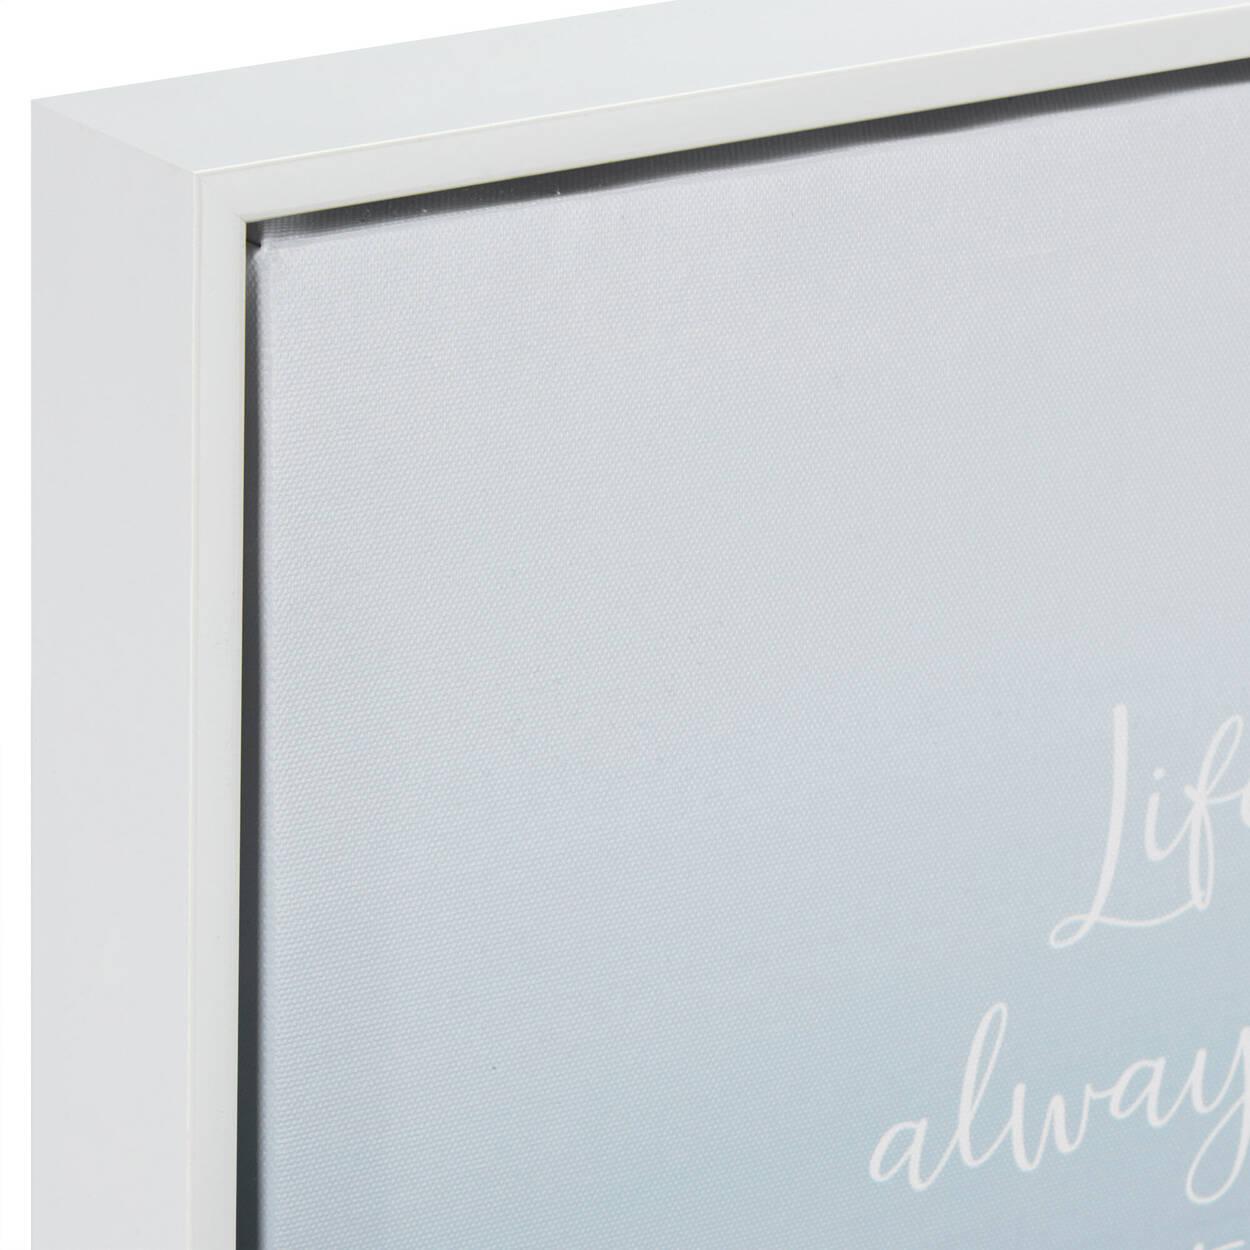 Make it Count Printed Framed Art